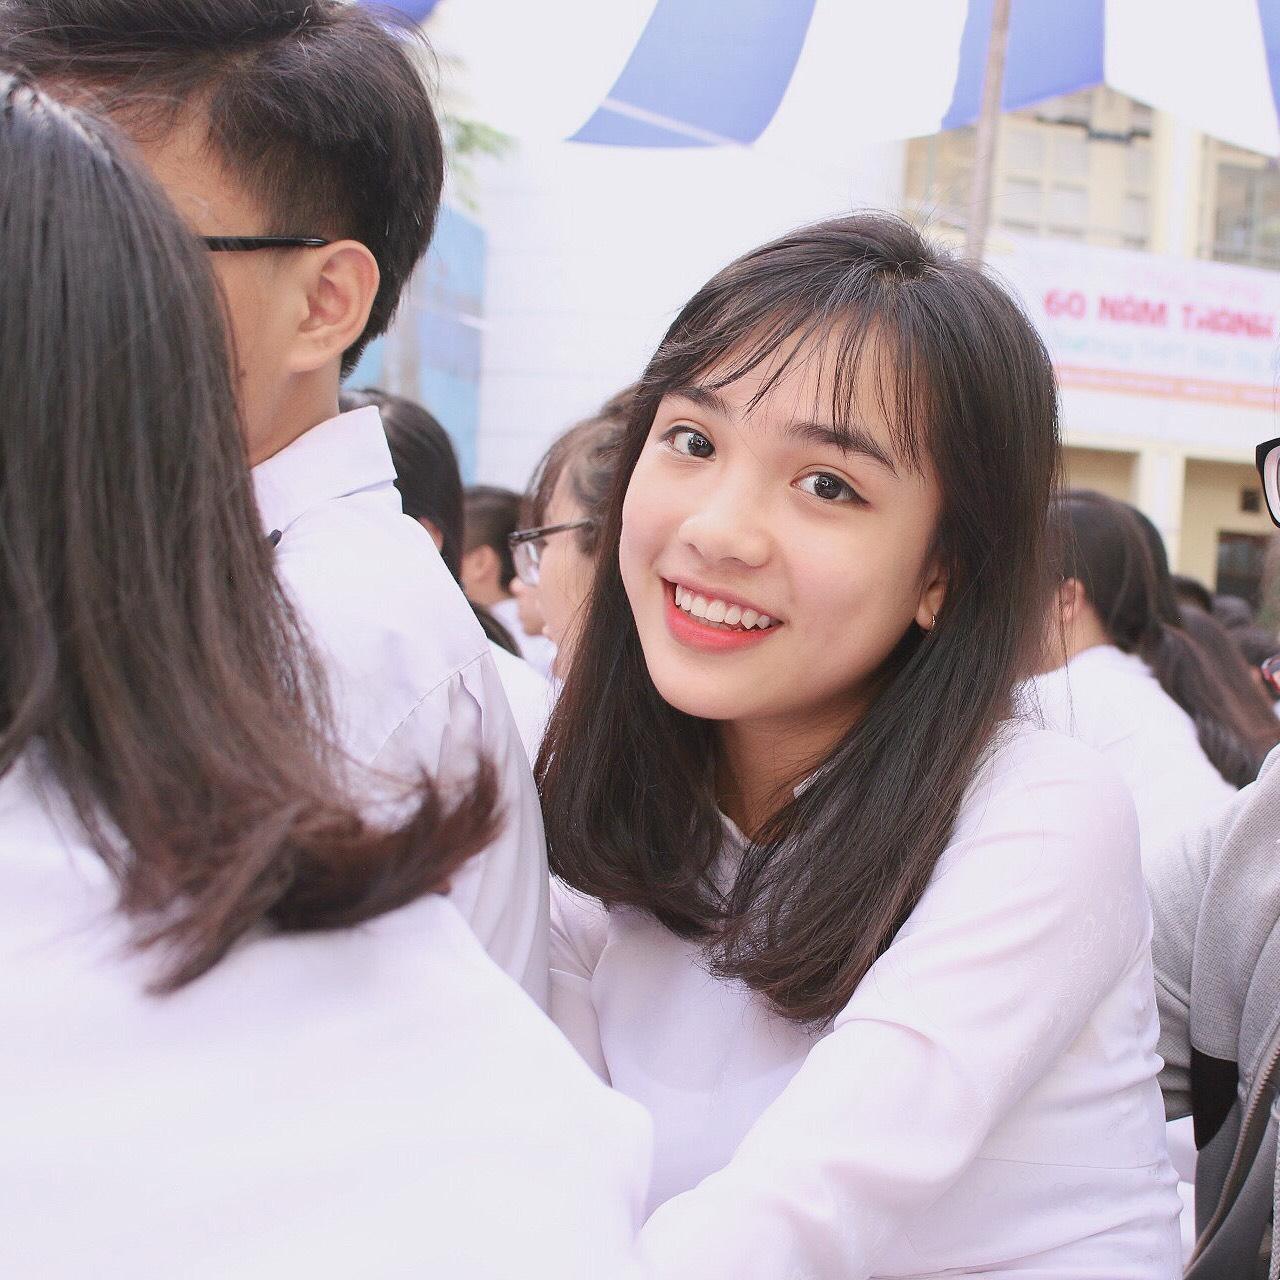 Con gái Việt vẫn xinh đẹp và dịu dàng nhất khi mặc áo dài trắng! - Ảnh 12.